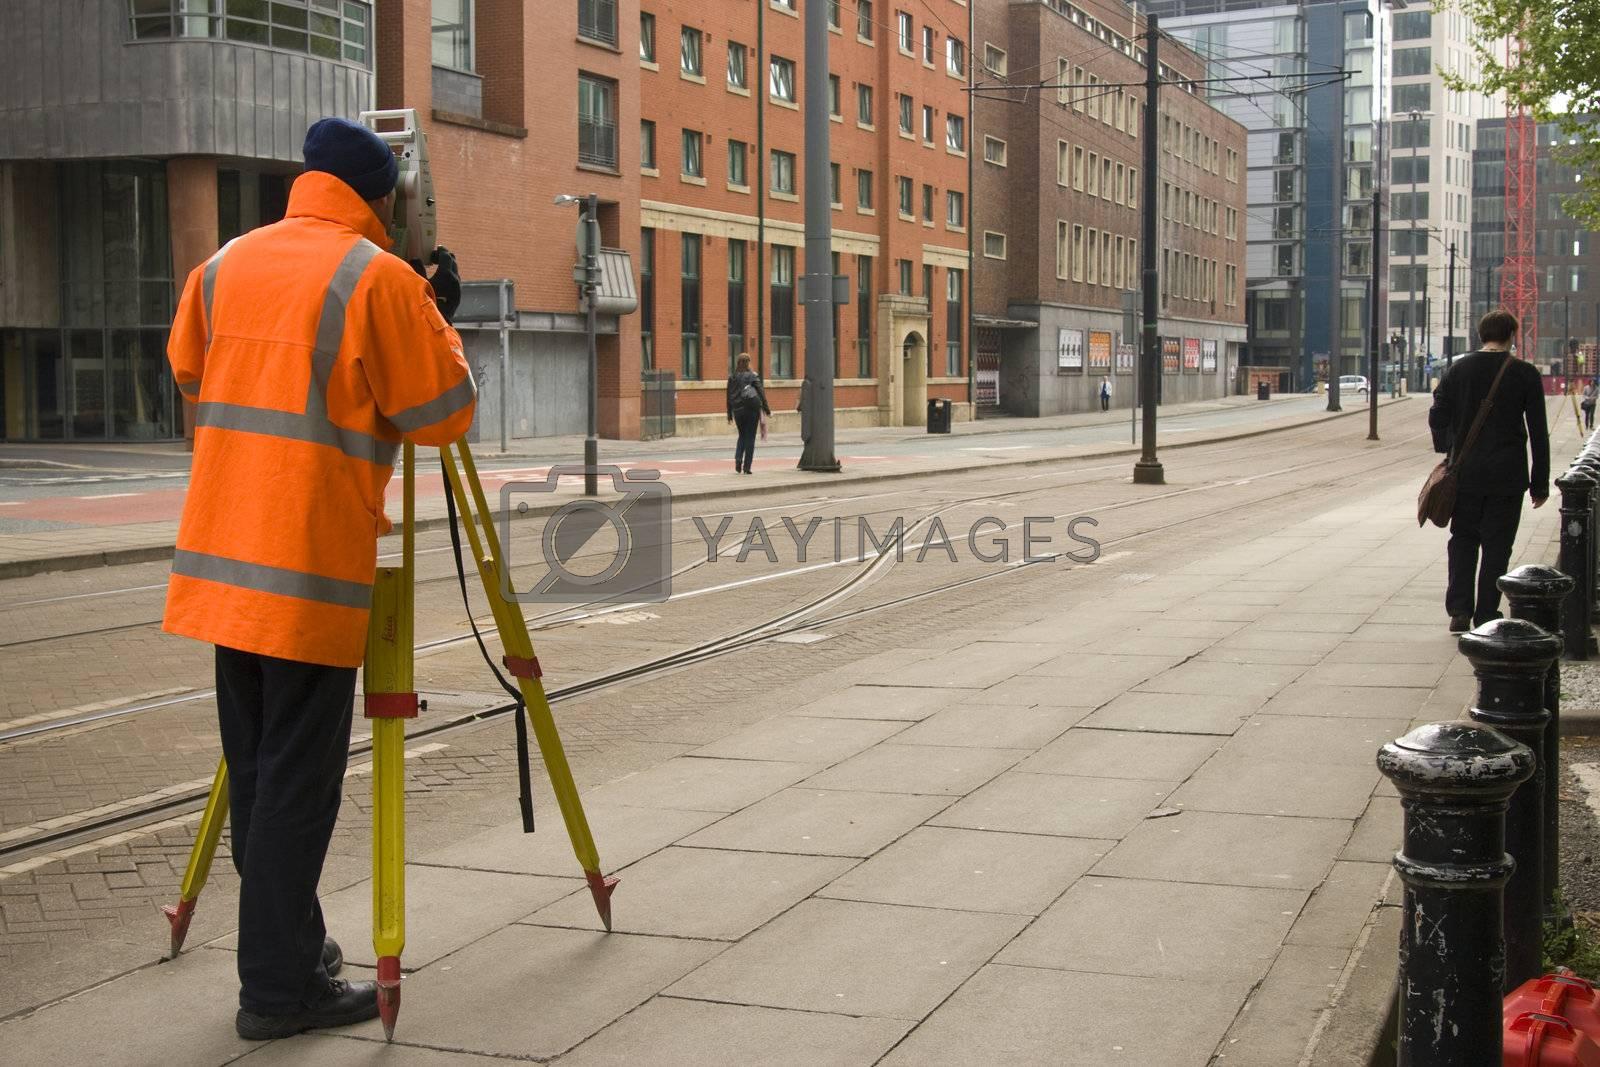 Surveyor taking measure in Manchester, UK